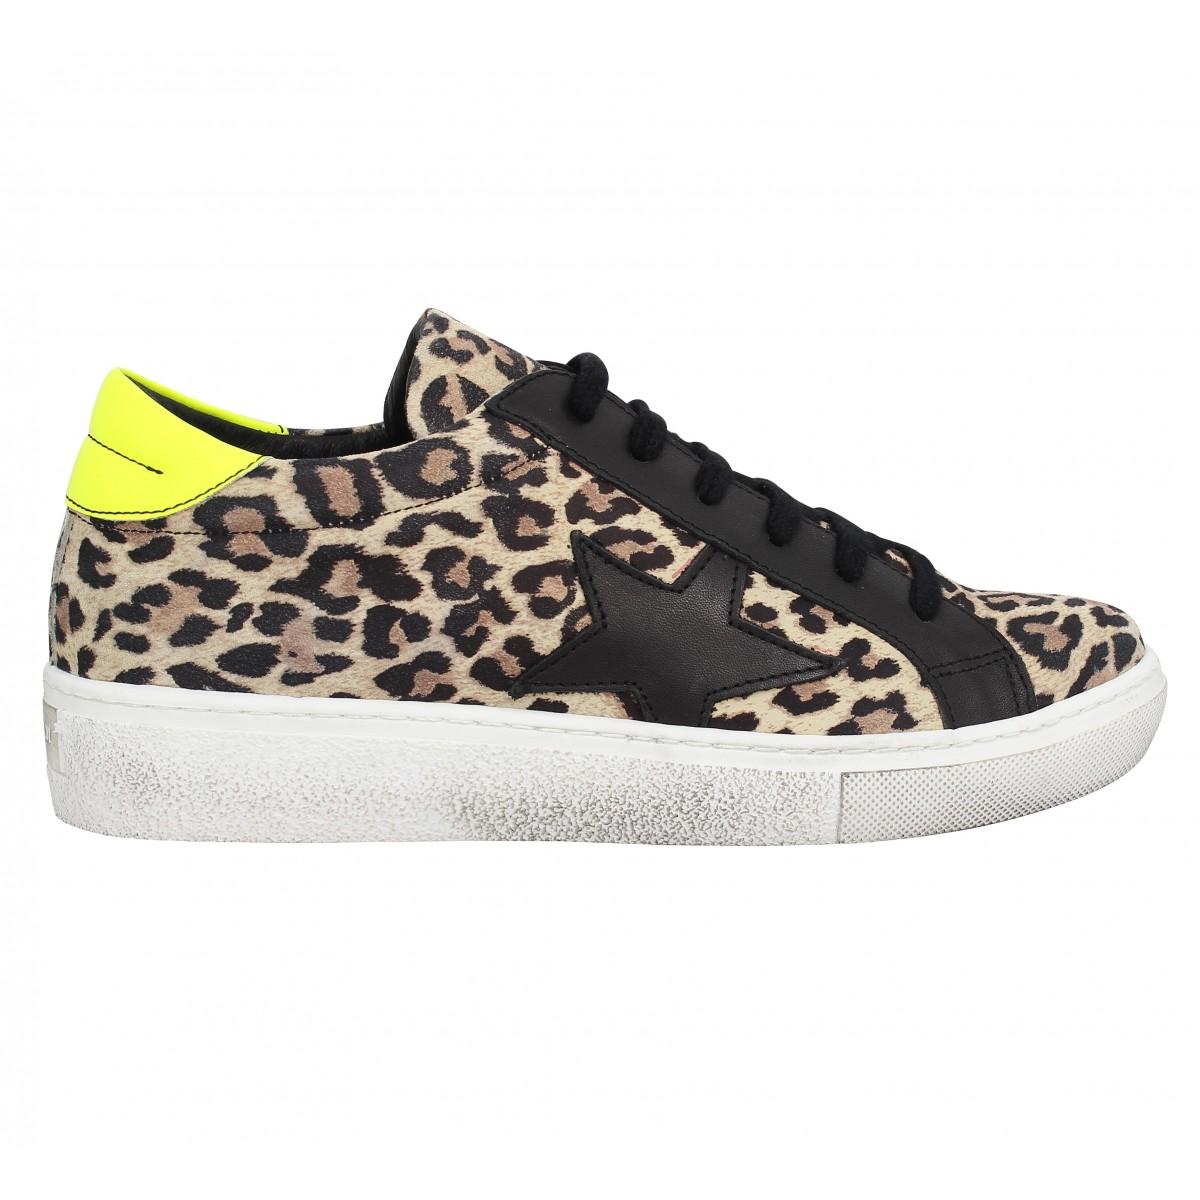 basket leopard femme basket blazer bebe faible print femme. Black Bedroom Furniture Sets. Home Design Ideas